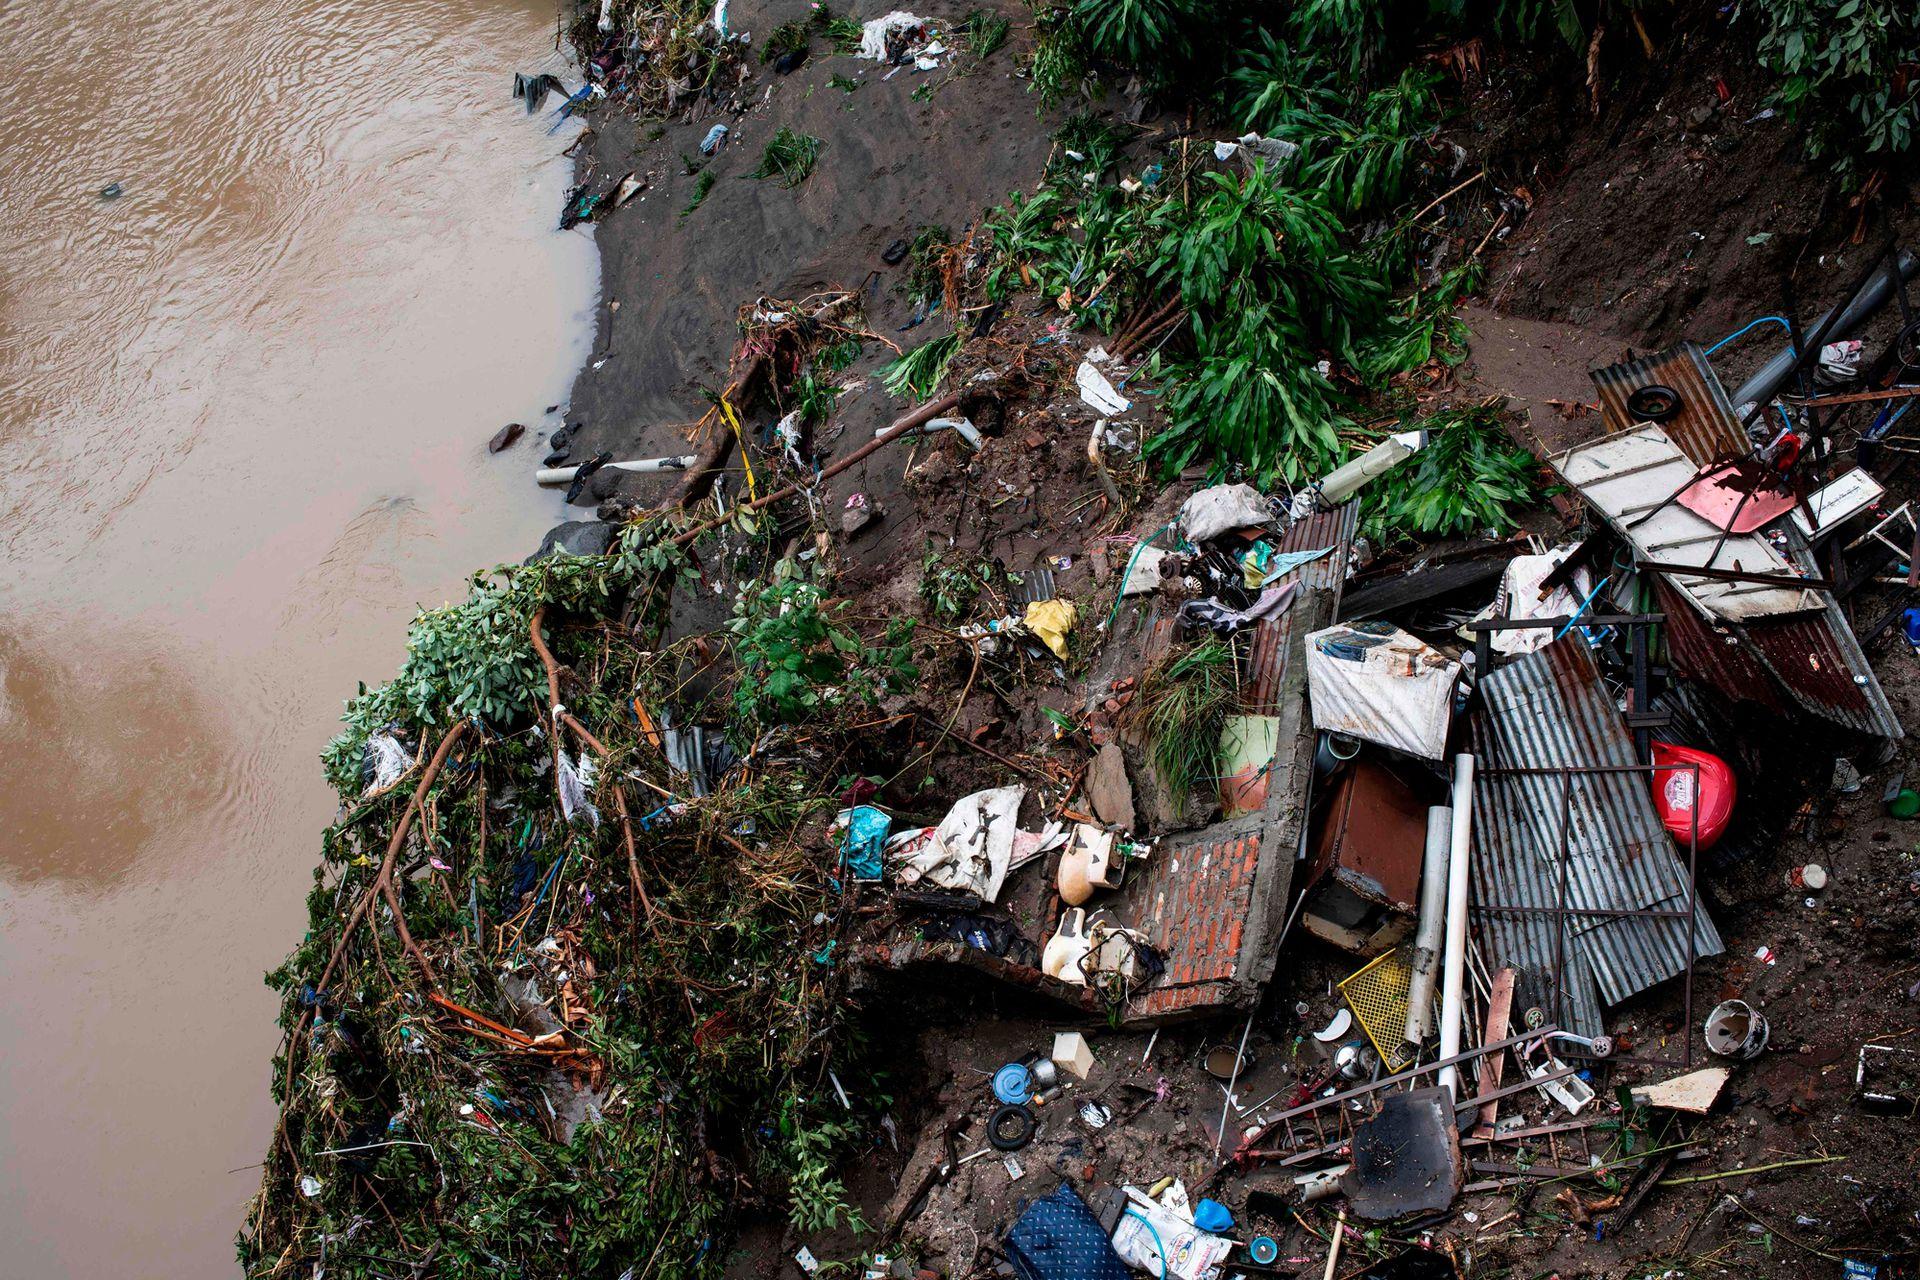 """""""Desde el huracán Fifi (1974) no habíamos vivido un peligro como el del domingo, realmente no sabíamos qué hacer porque se estaba inundando todo, fueron minutos de angustia"""" comentaron los residentes"""